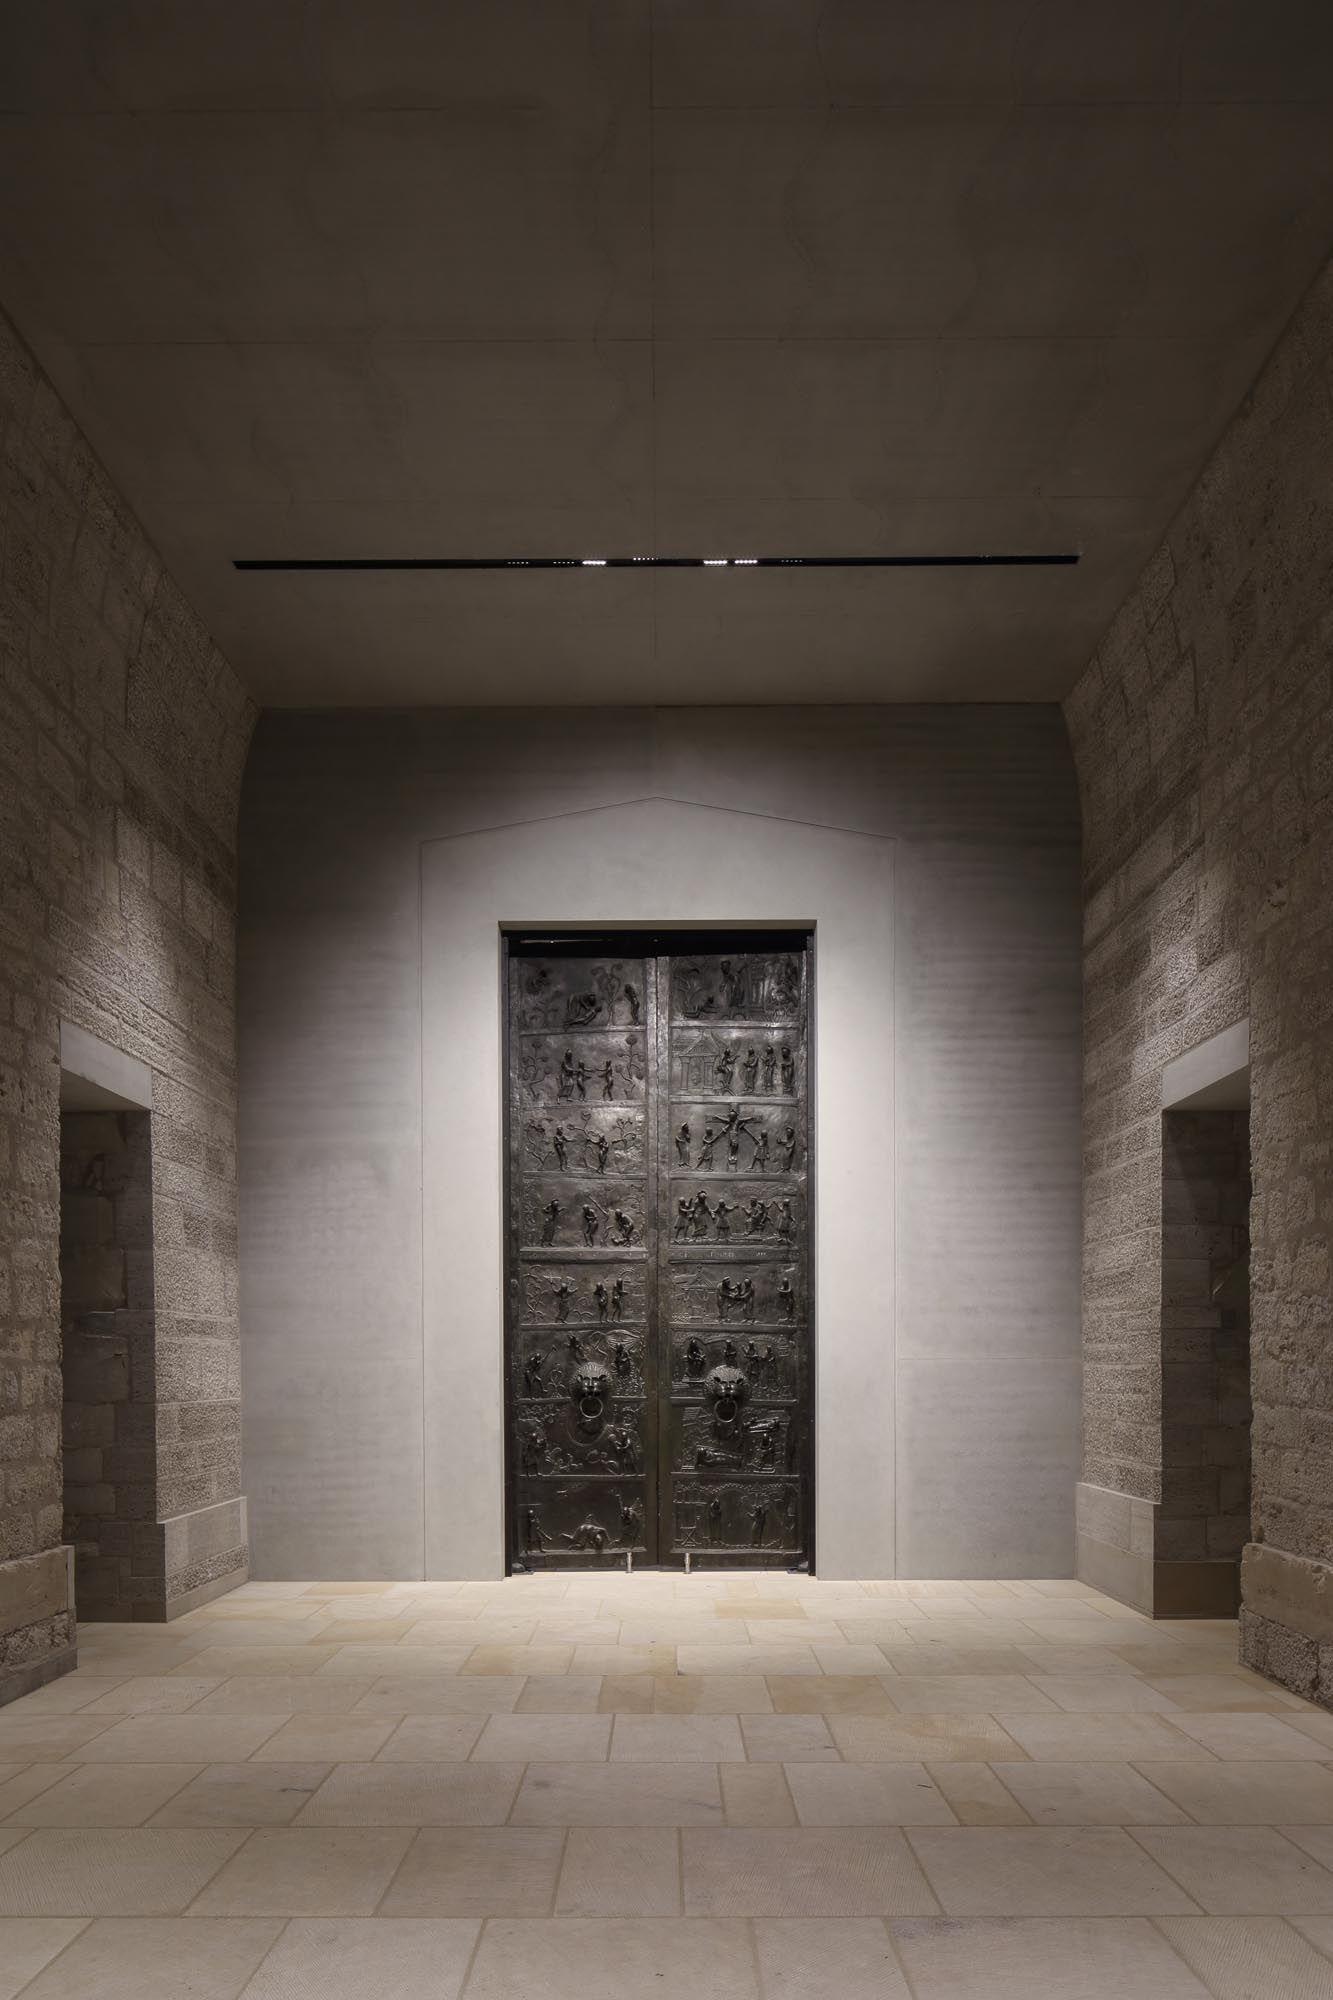 Architekten In Köln mariendom hildesheim schilling architekten köln christian